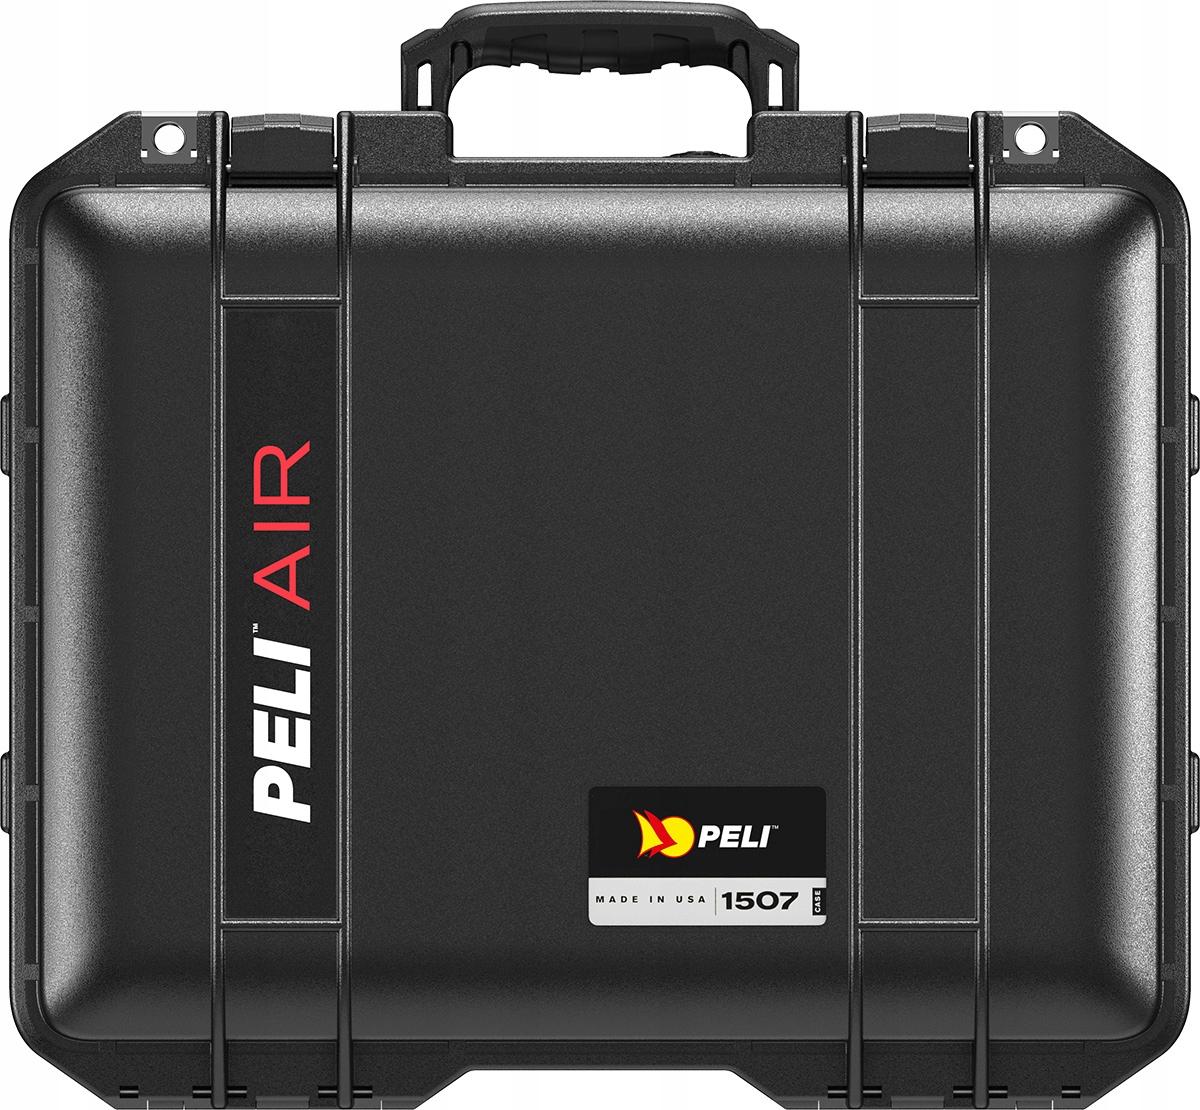 Легкий кейс Peli 1507 Air Case organizer купить из Европы доставка в Украину.